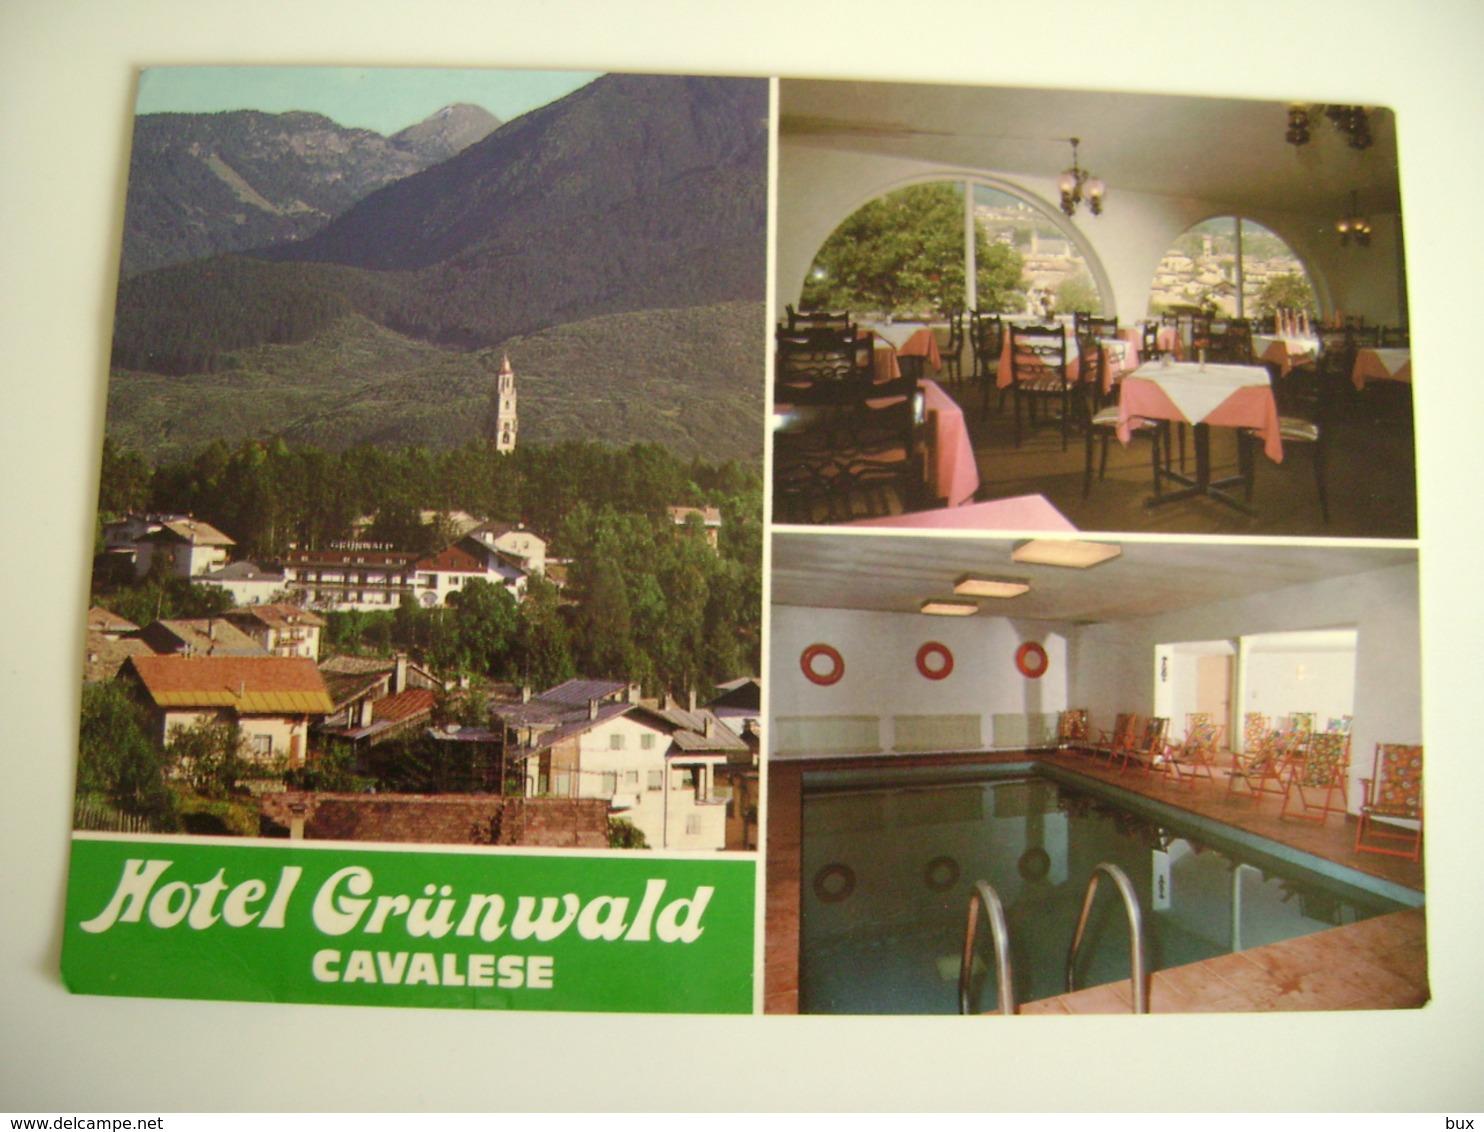 HOTEL  Grünwald   CAVALESE       - TRENTO -     NON VIAGGIATA   COME DA FOTO   LEGGERA PIEGA ANGOLO **** - Trento